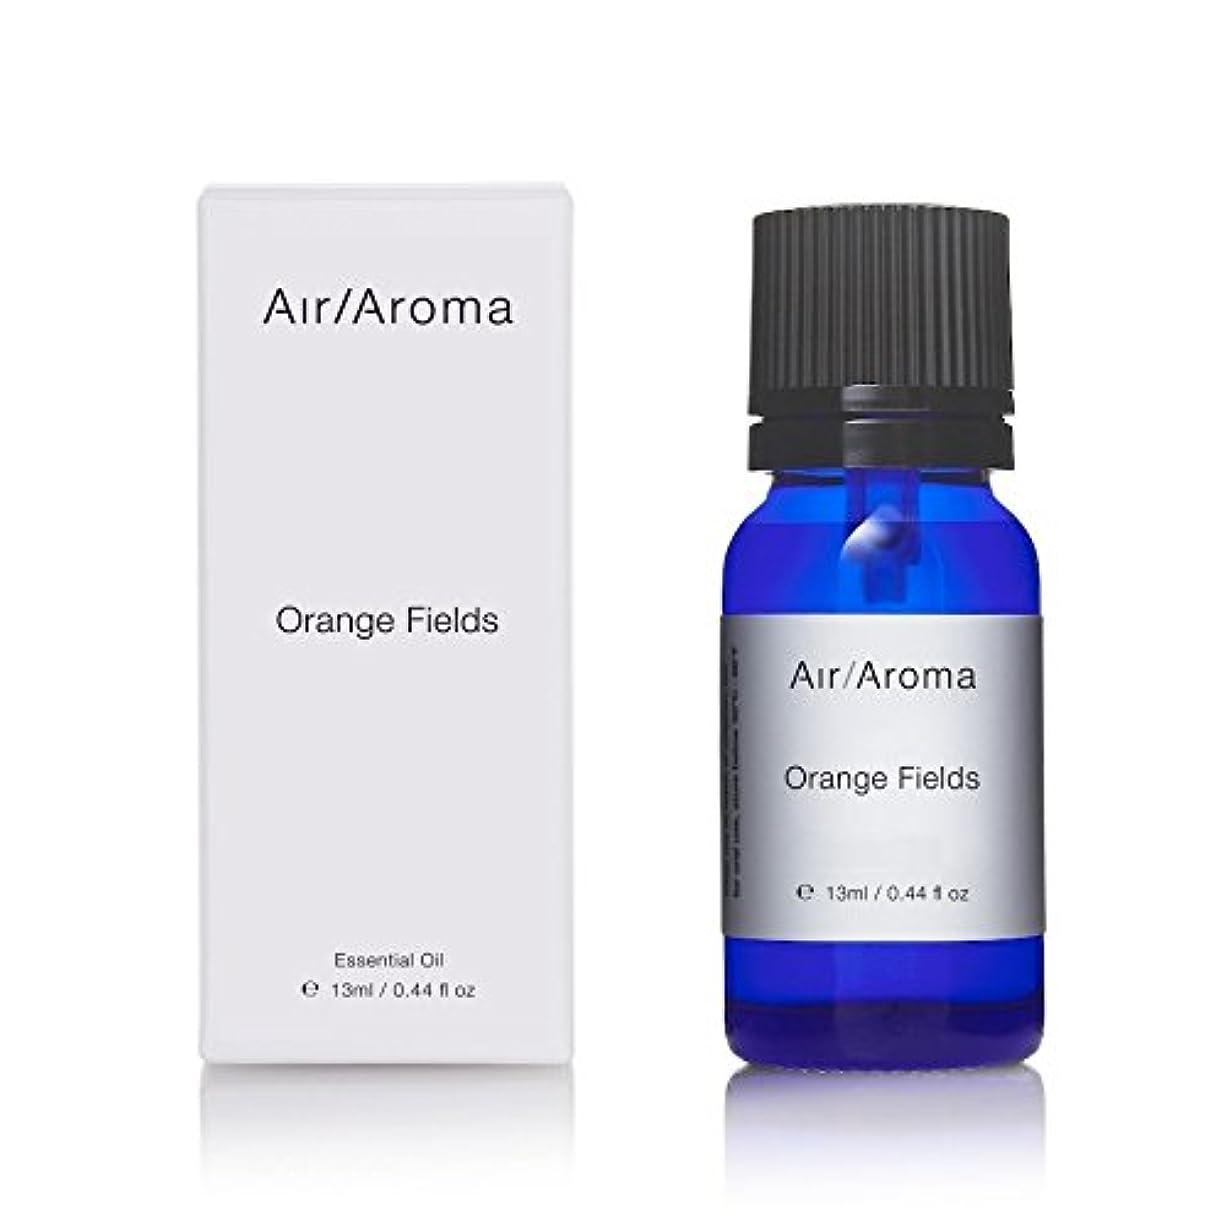 素人魅力的であることへのアピール些細エアアロマ orange fields (オレンジフィールド) 13ml